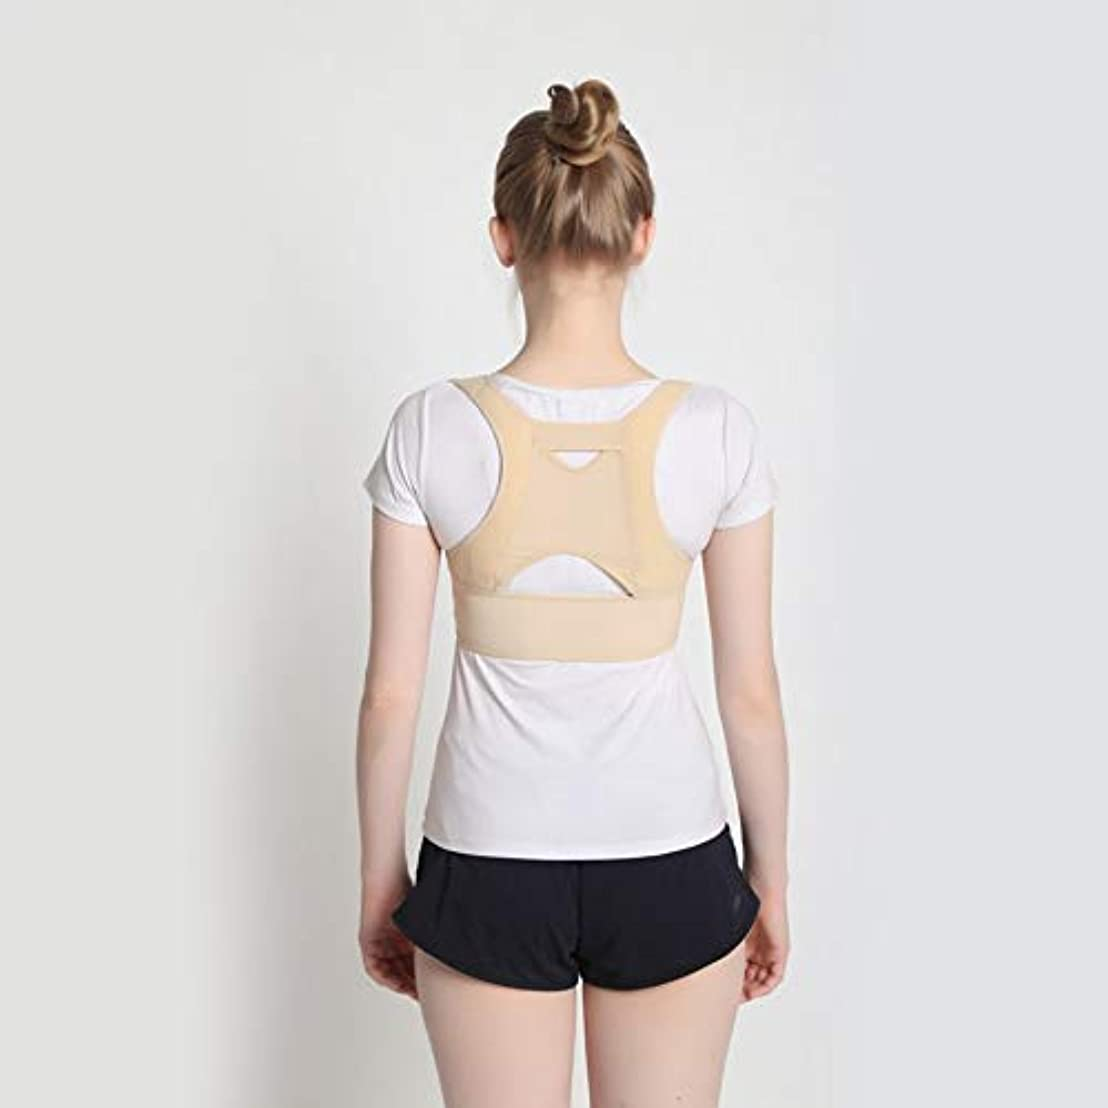 スペイン少ない飲み込む通気性のある女性の背中の姿勢矯正コルセット整形外科の肩の背骨の背骨の姿勢矯正腰椎サポート